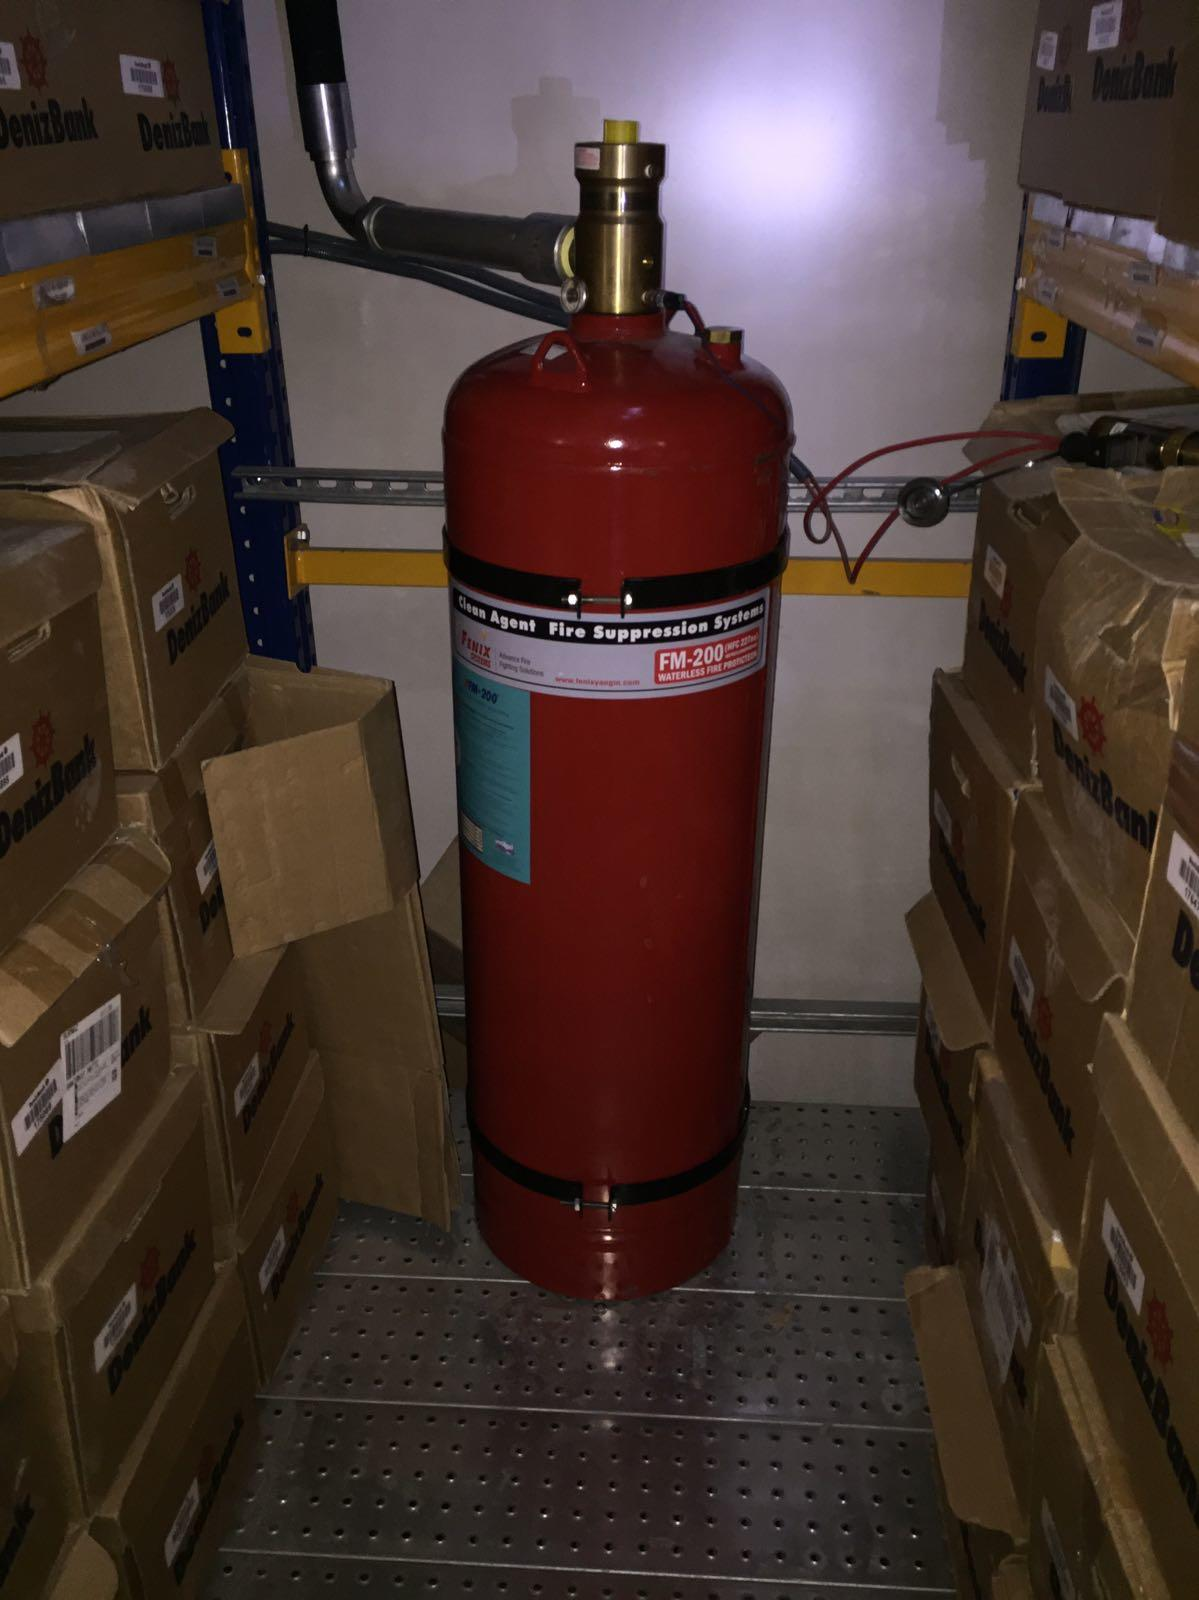 FM200 HFC-227ea Gazlı Söndürme Sistemleri